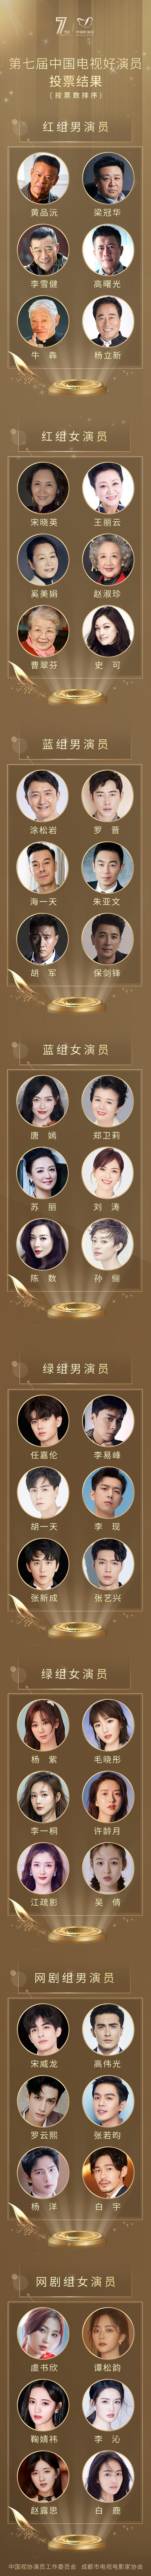 第七届中国好演员投票结果公布 李易峰杨洋李现等入选